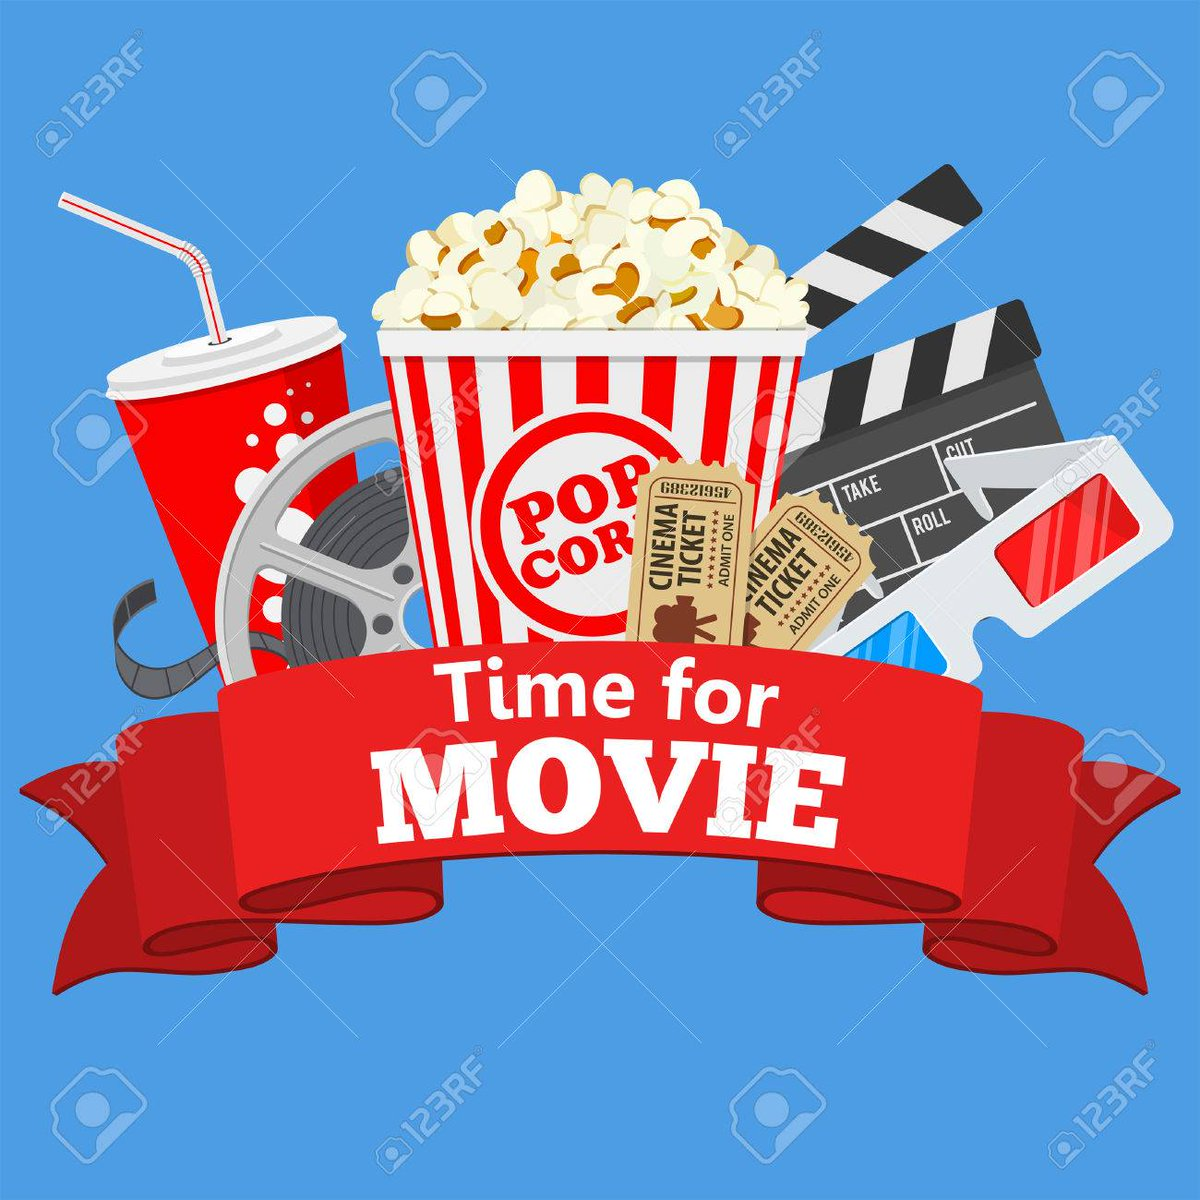 في العام التالي، قام المدير بخفض تذاكر السينما من ٥٠ سينت إلى ١٥ فقط، وذلك ليزيد من مبيعات البوبكورن  أرباح البوبكورن عالية جدا، وأصبحت شركته تعتمد عليها.. البوبكورن المالح يجعلك تعطش مما يزيد من مبيعات المشروبات أيضاً!  أصبحت السينما تعمد على بيع الحلويات والمشروبات والبوبكورن! https://t.co/1JDVcyVqEC